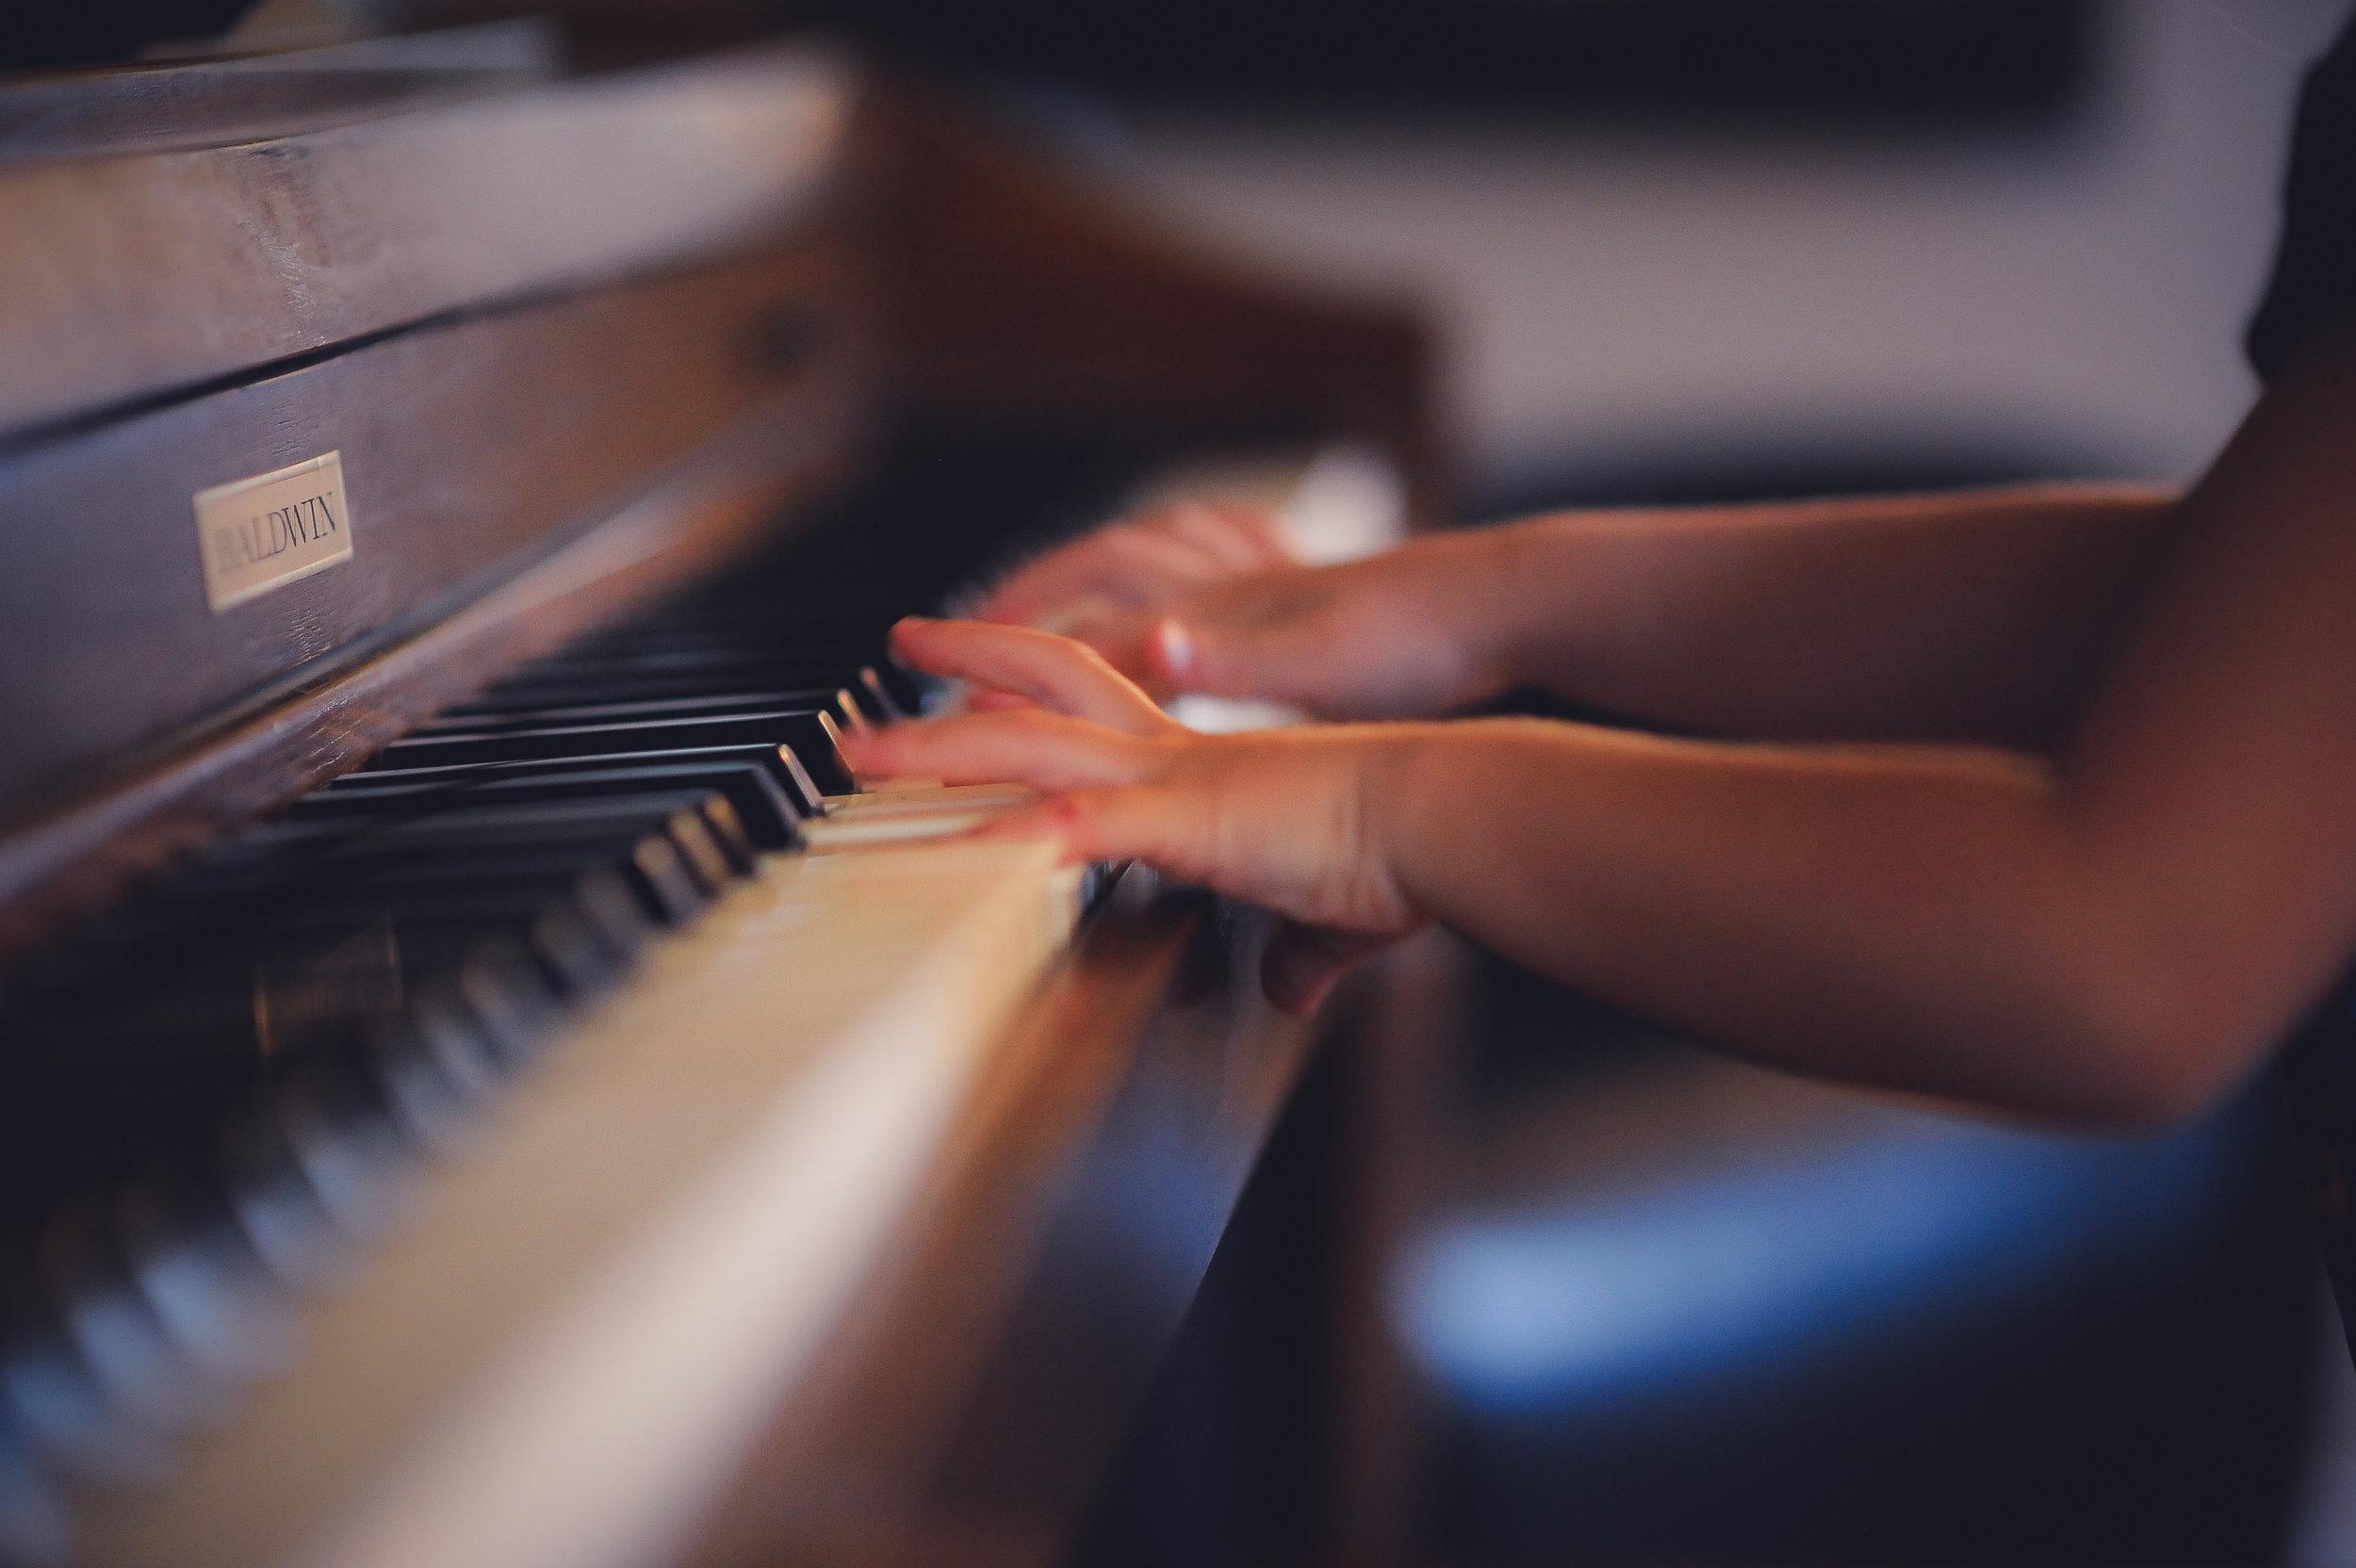 """laboratorio di pianoforte - Corso di Propedeutica MusicaleNella pancia il bimbo nuota a suon di """"voce della mamma"""" e la musicalità del suo cantilenare lo rasserena e lo addormenta… Il Suono ci accompagna dal nostro primo esistere e l'udito, quale senso percettivo, è attivo sempre! Avvicinarsi alla Musica vuol dire prima di tutto imparare ad ascoltare, consapevolmente, e scoprire che siamo immersi in un mondo meravigliosio di suoni. Un corso di propedeutica musicale acquista così significato se si abbandona il pregiudizio che esista"""